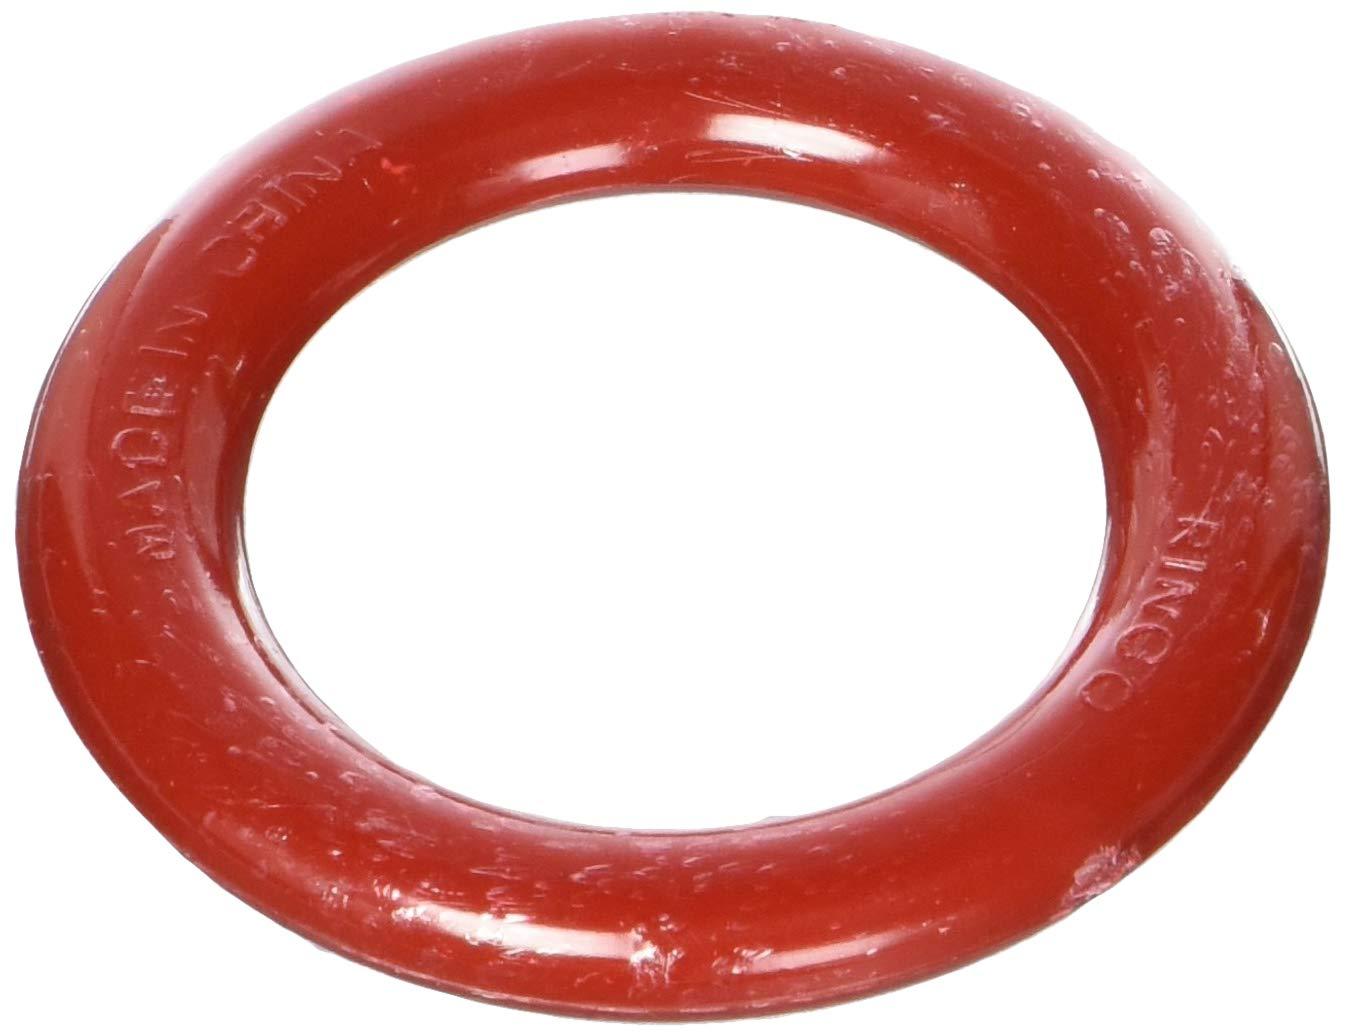 Rhode Island Novelty Plastic Toss Rings Novelty by Rhode Island Novelty Rings 834b2a